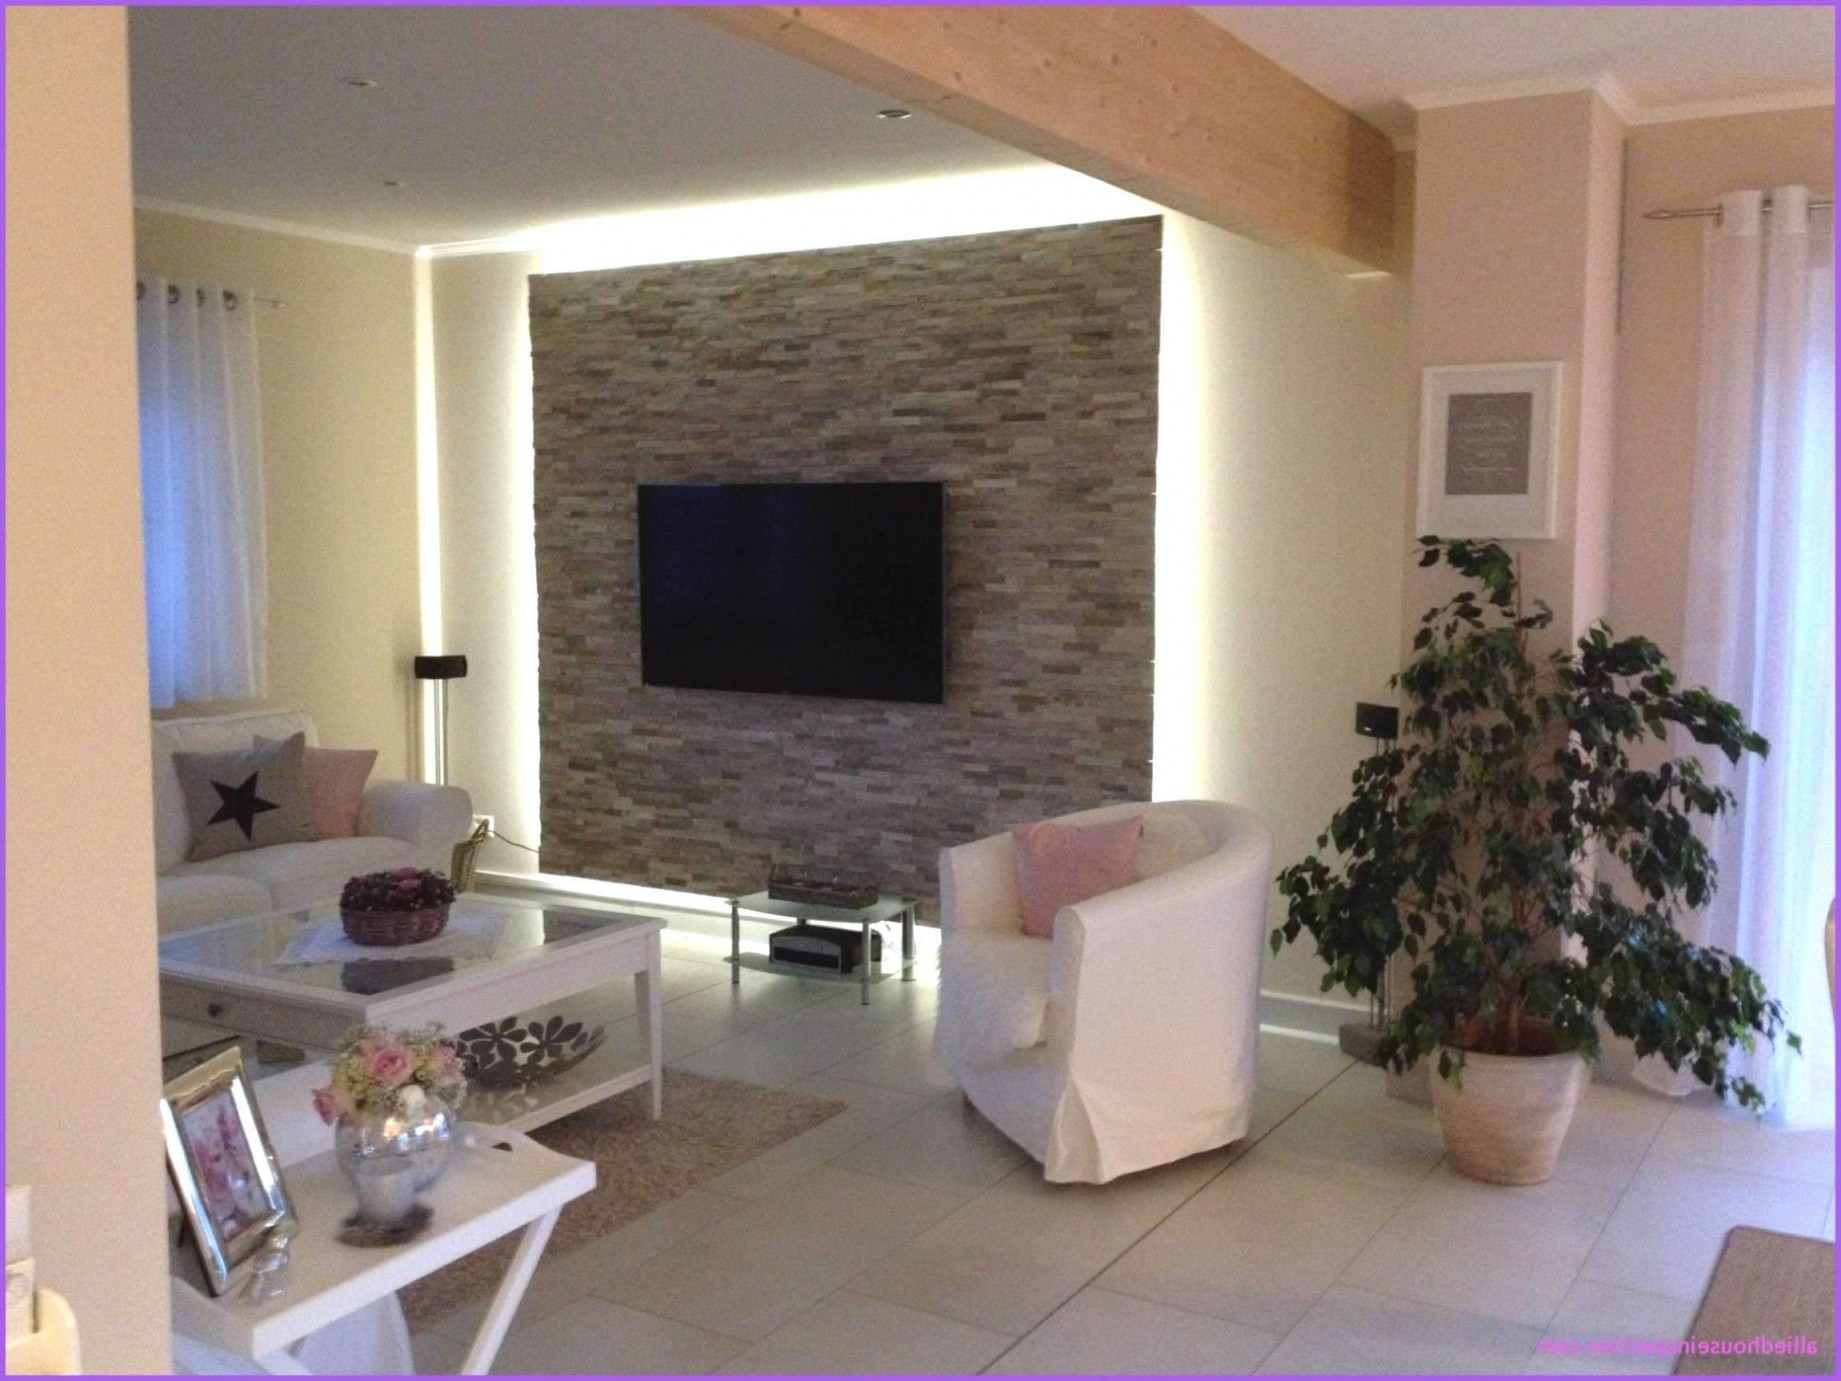 32 Das Beste Von Wohnzimmer Tapeten Ideen Reizend von Wohnzimmer Mit Tapete Gestalten Bild